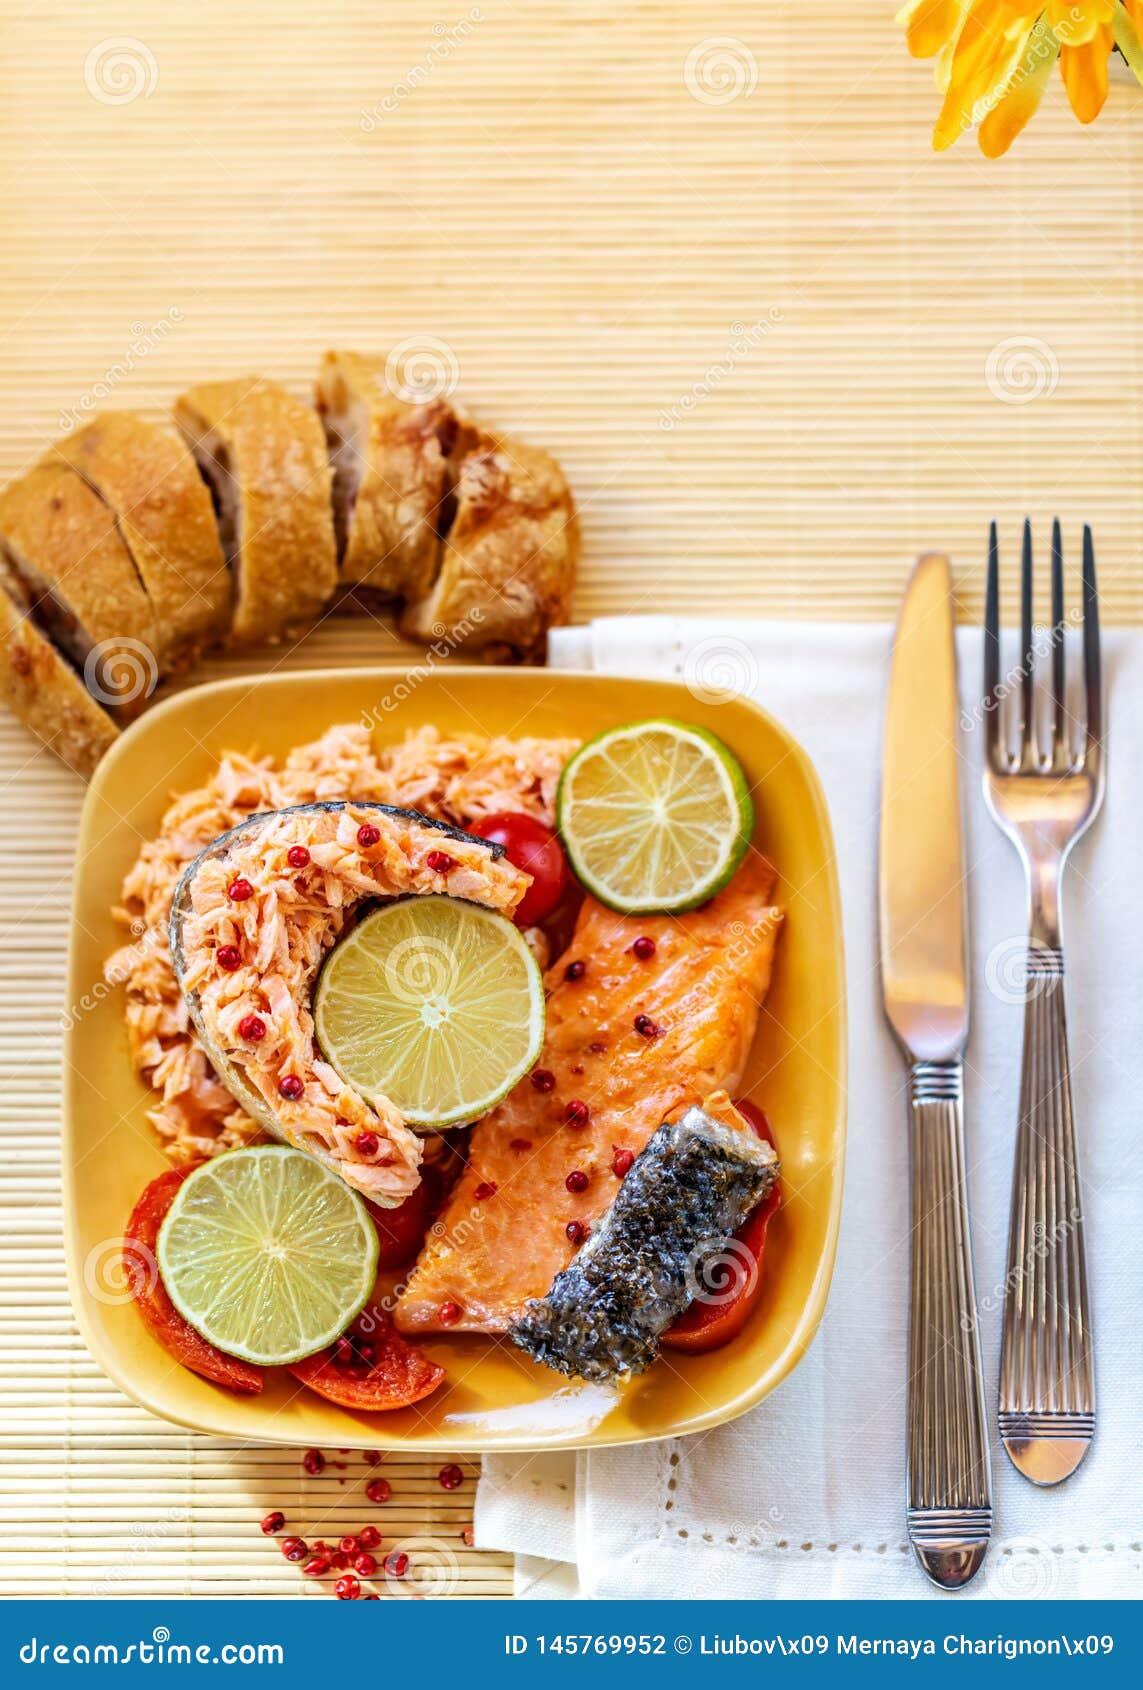 Angefüllt fischen Sie einen Lachs mit Scheiben einer Zitrone oder des Kalkes auf einer Platte